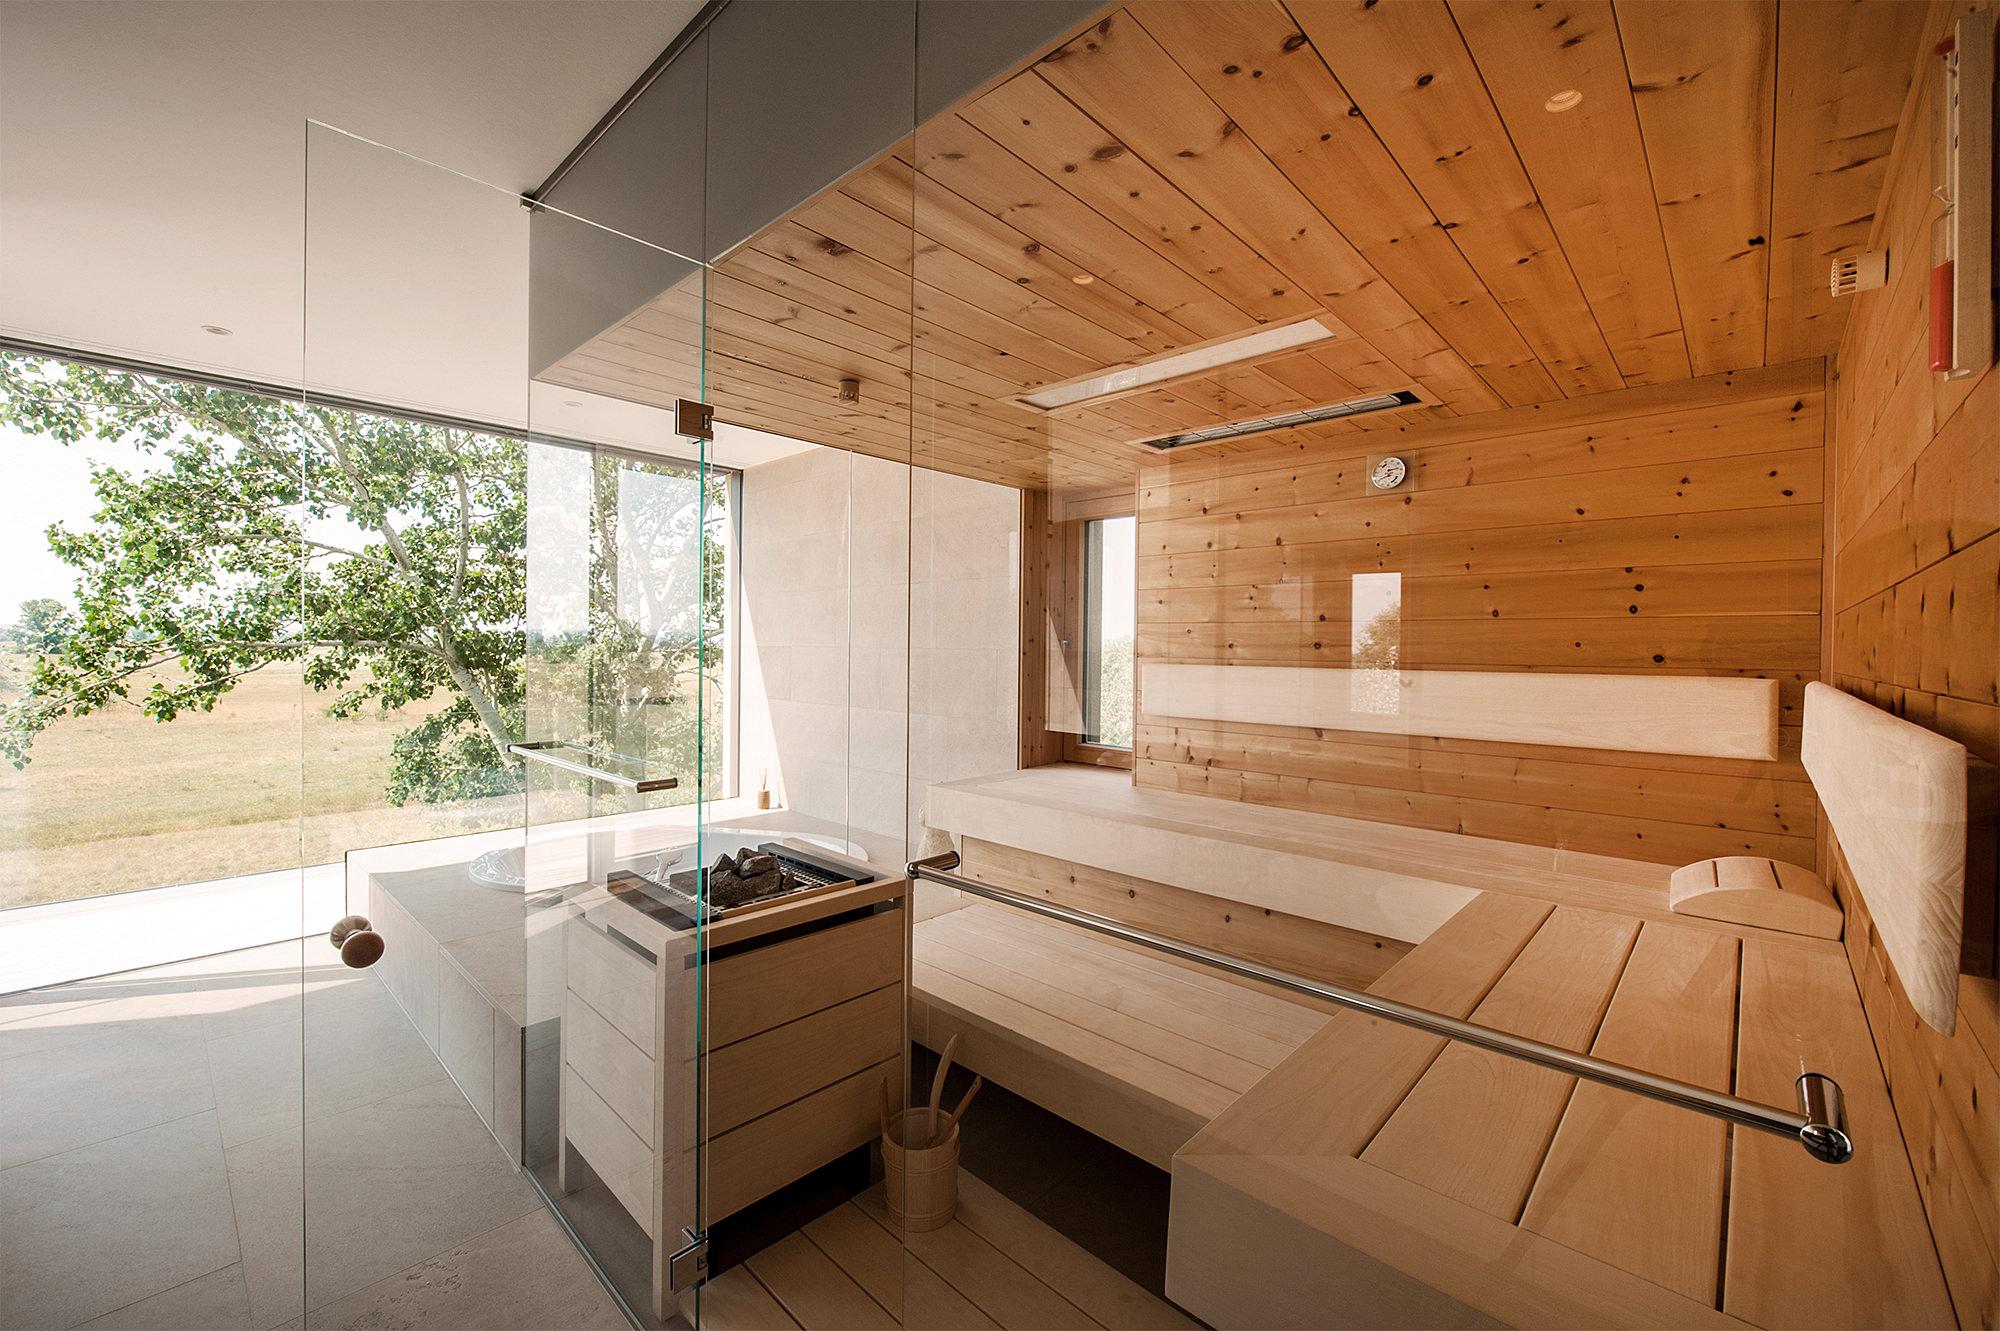 haus_LK_15_einfamilienhaus_im_seewinkel_burgenland_junger_beer_architektur